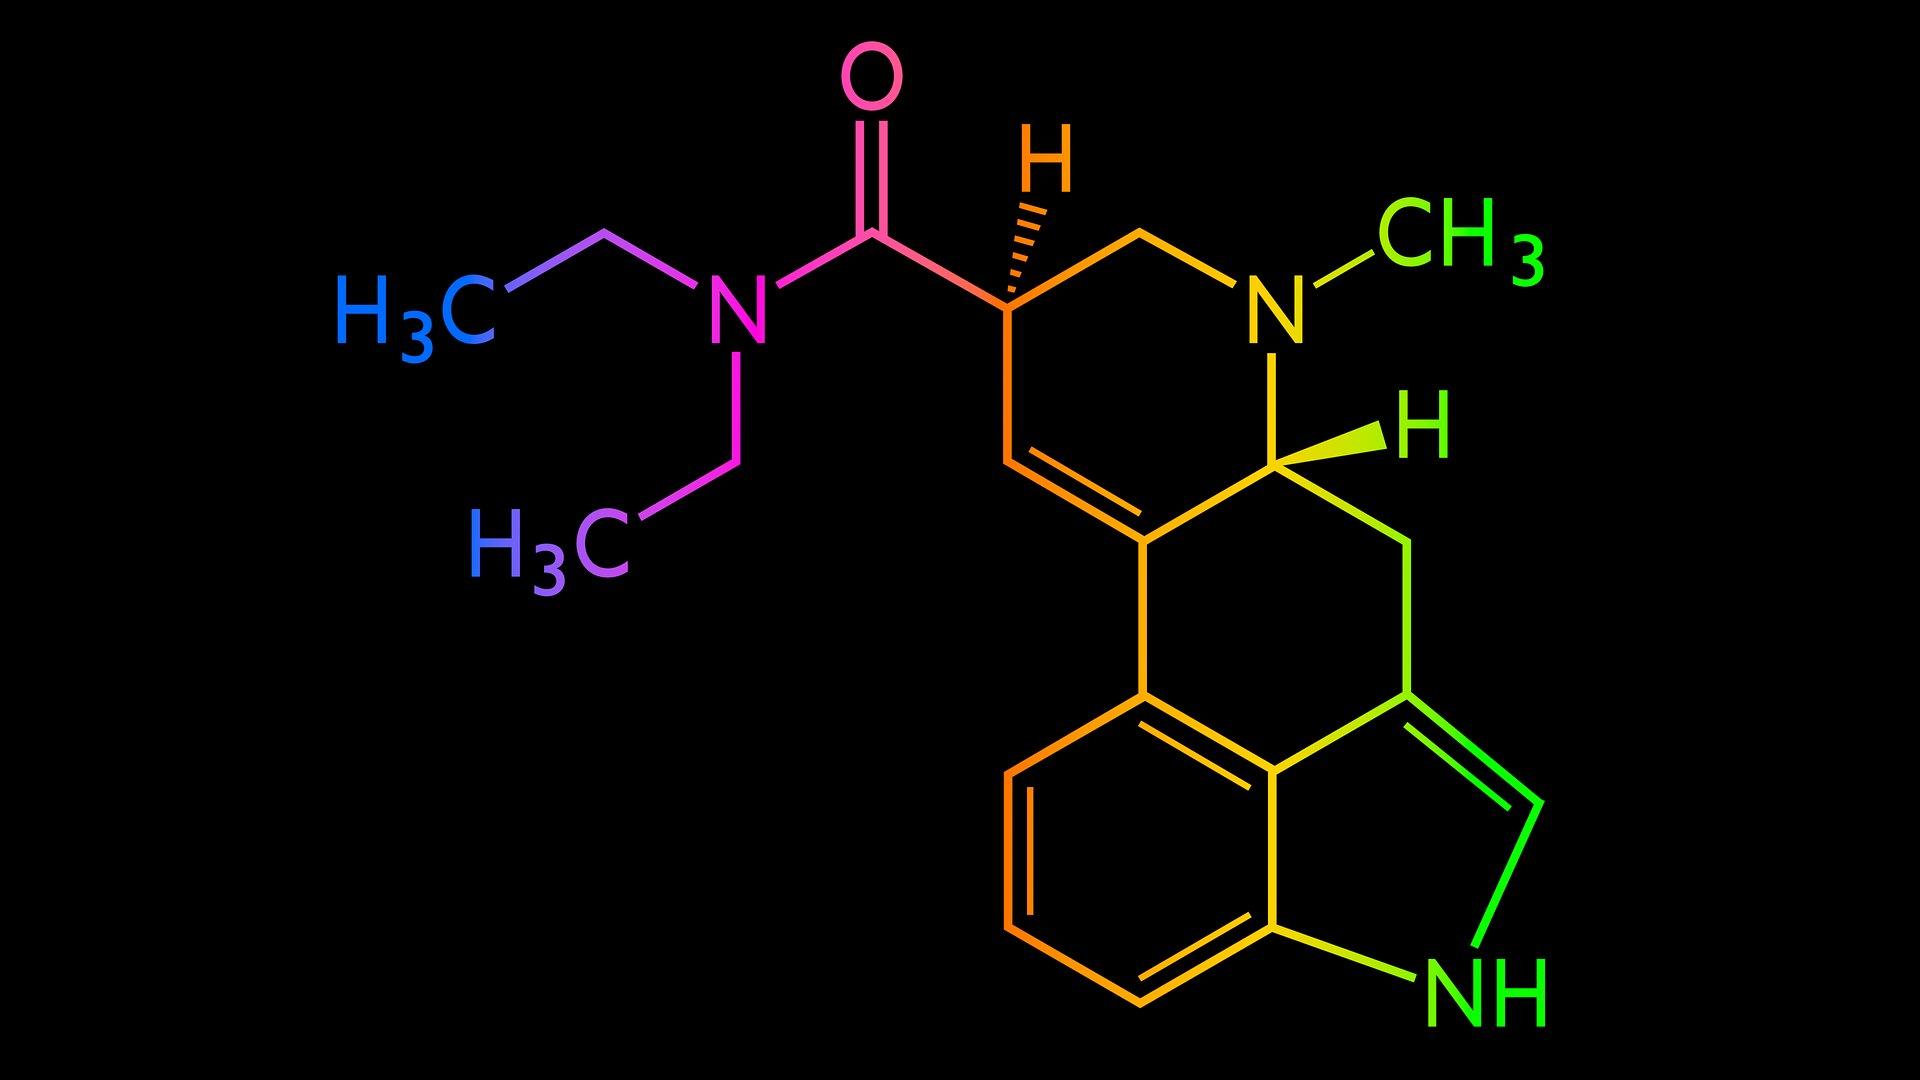 https://truffeltherapie.nl/wp-content/uploads/2019/09/LSD-molecuul.jpg